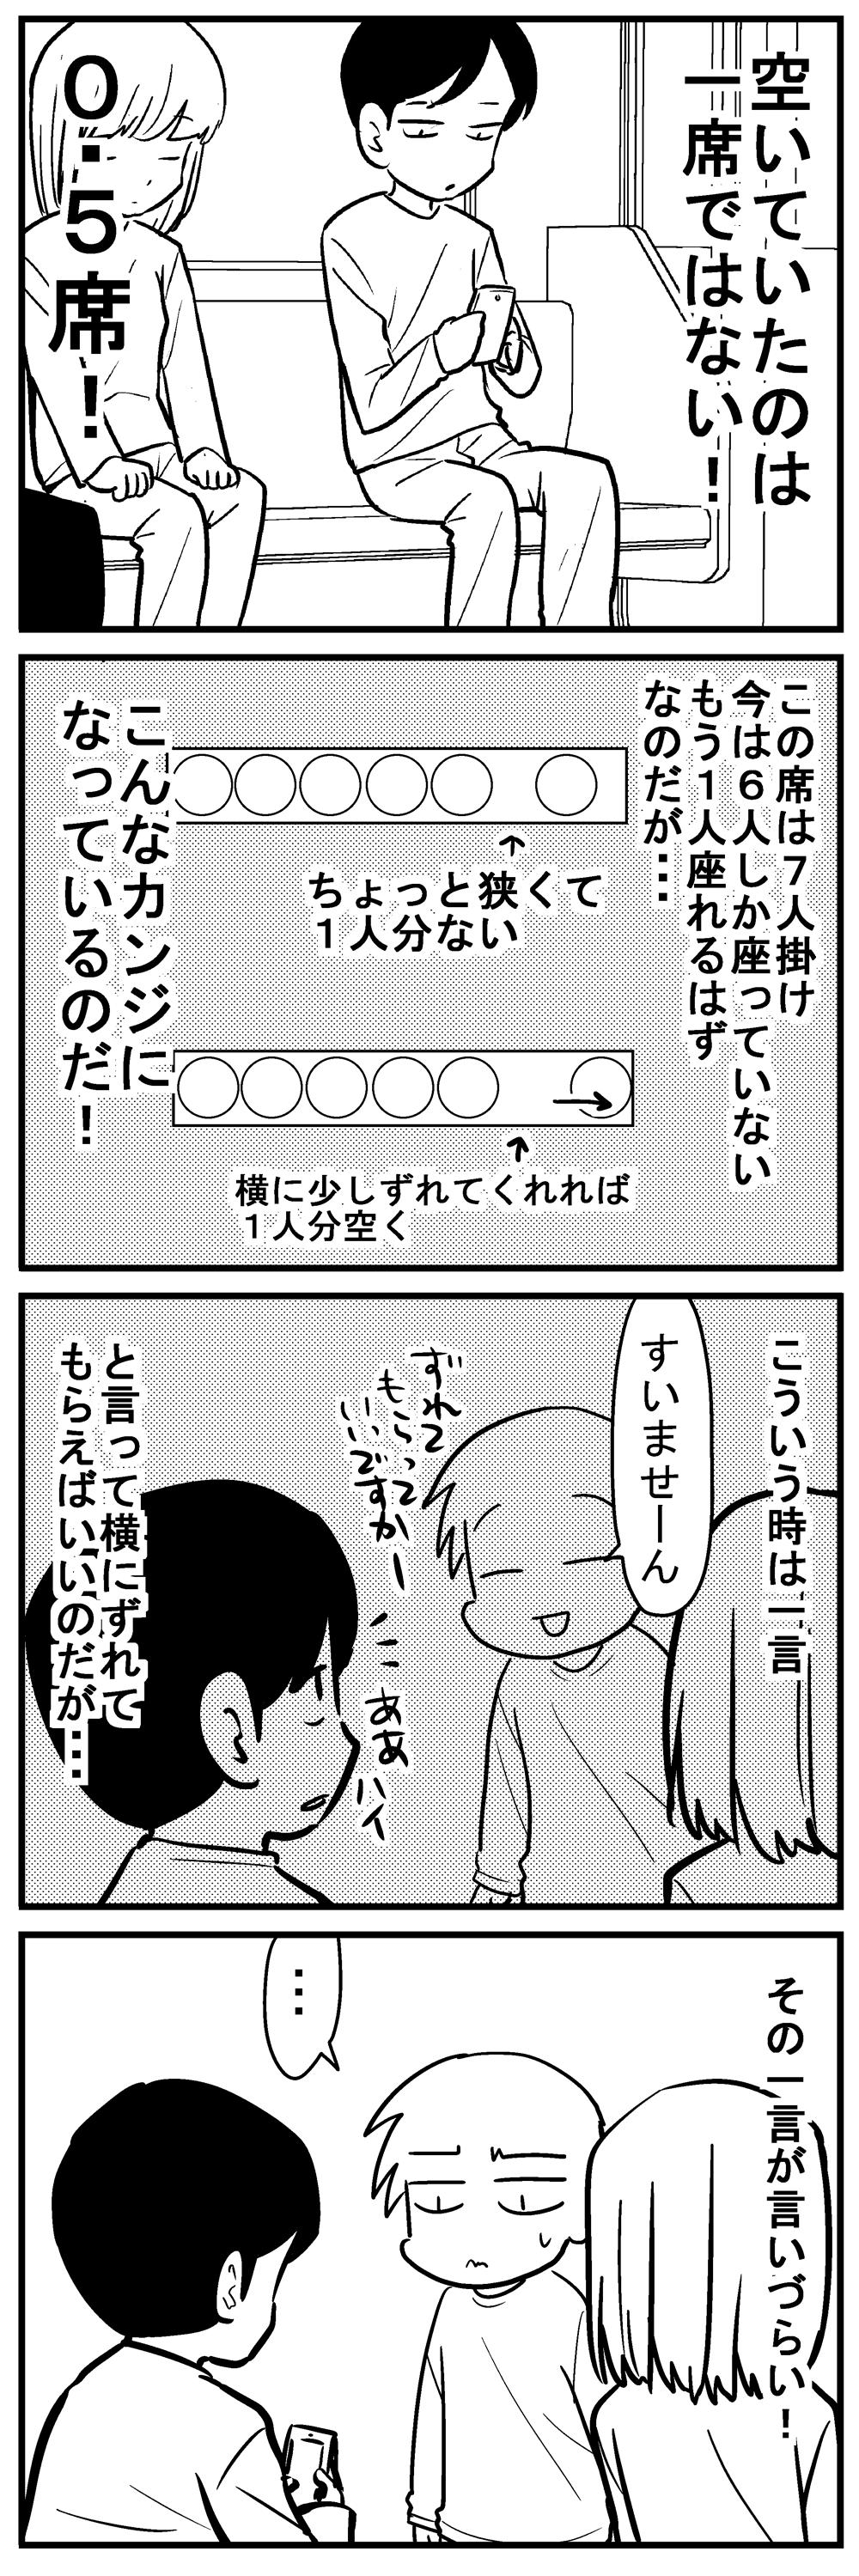 深読みくん115 2